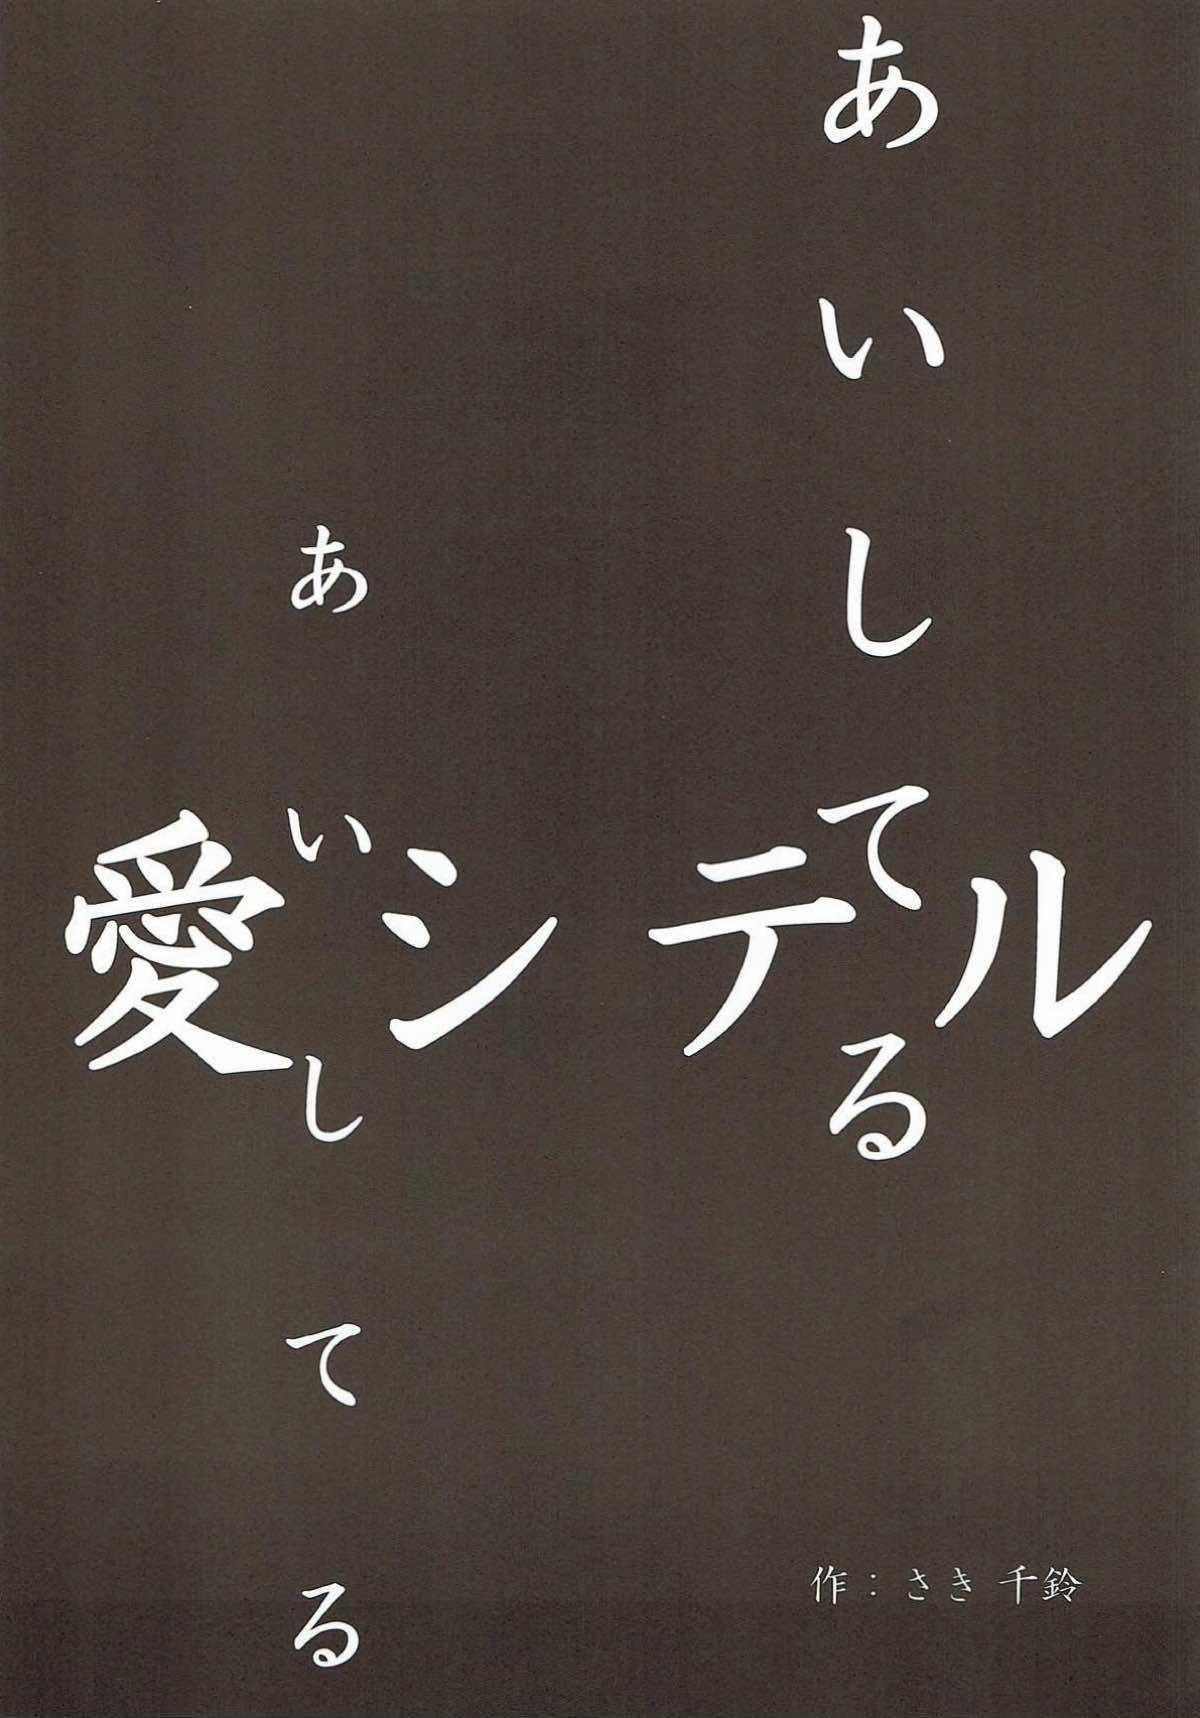 Aishiteru Aishiteru Aishiteru 2